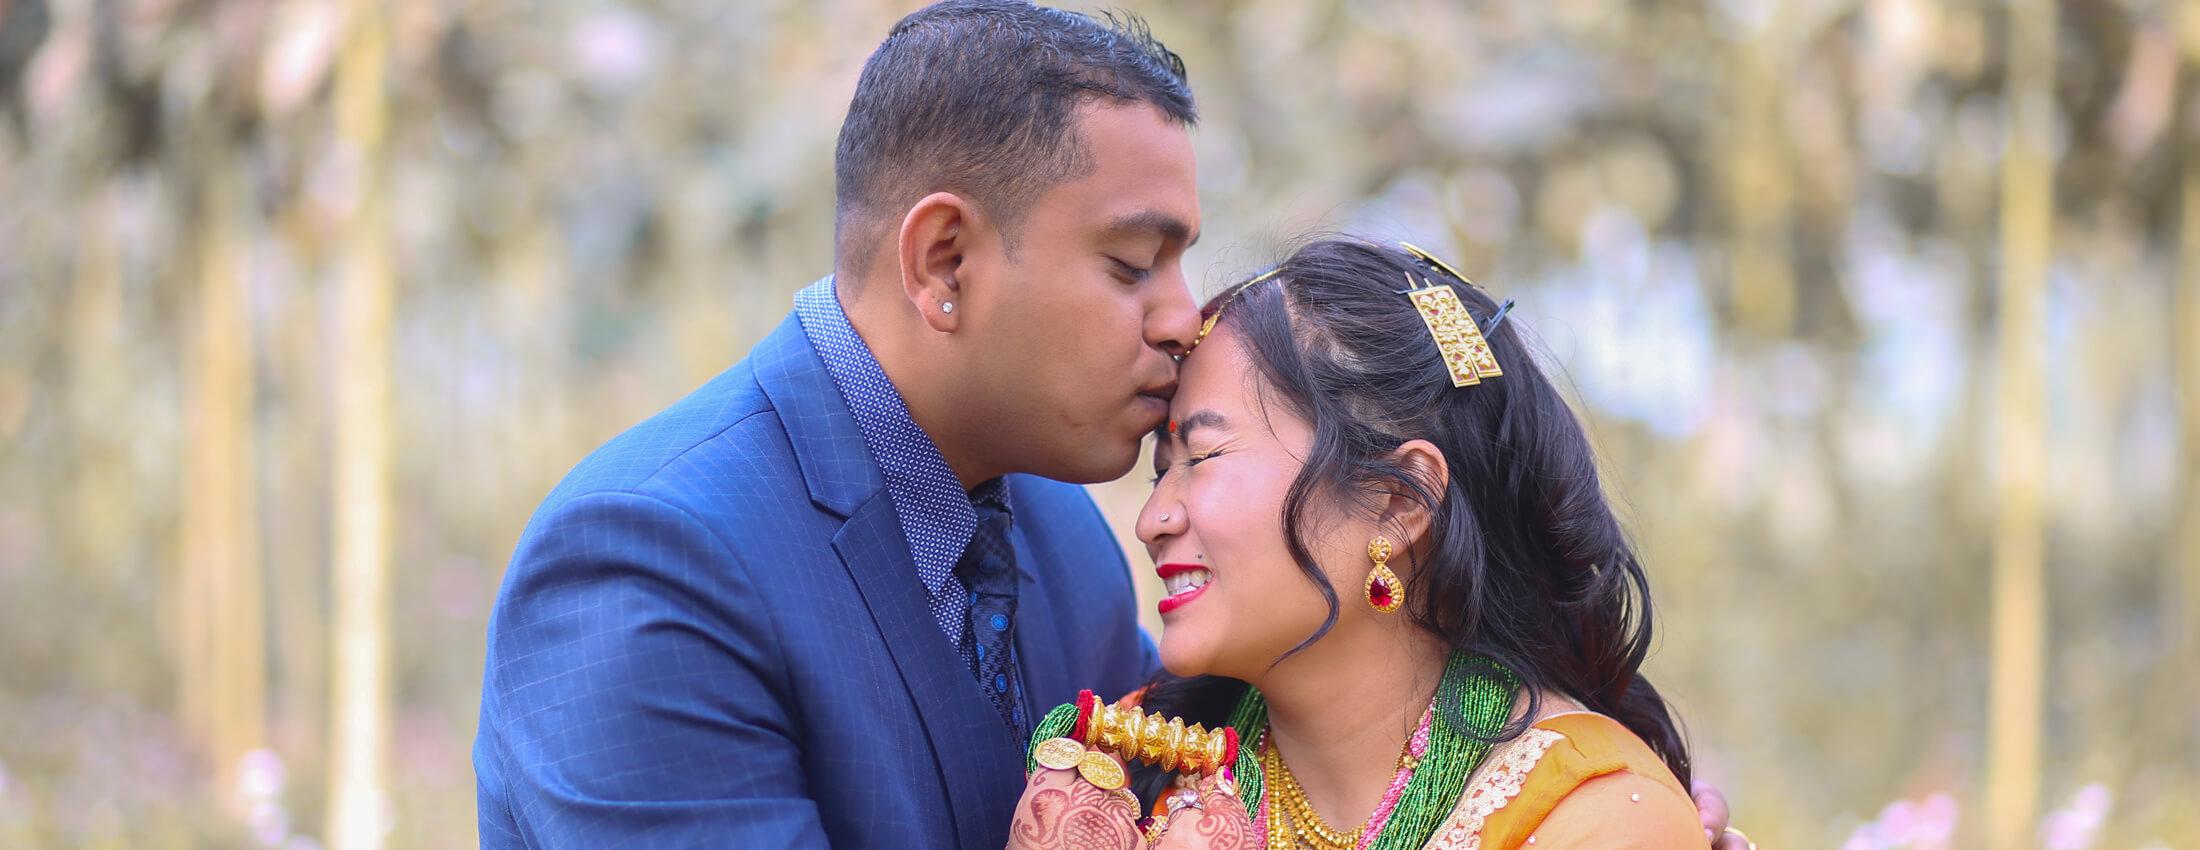 Post Photoshoot - Imgstock, Biratnagar